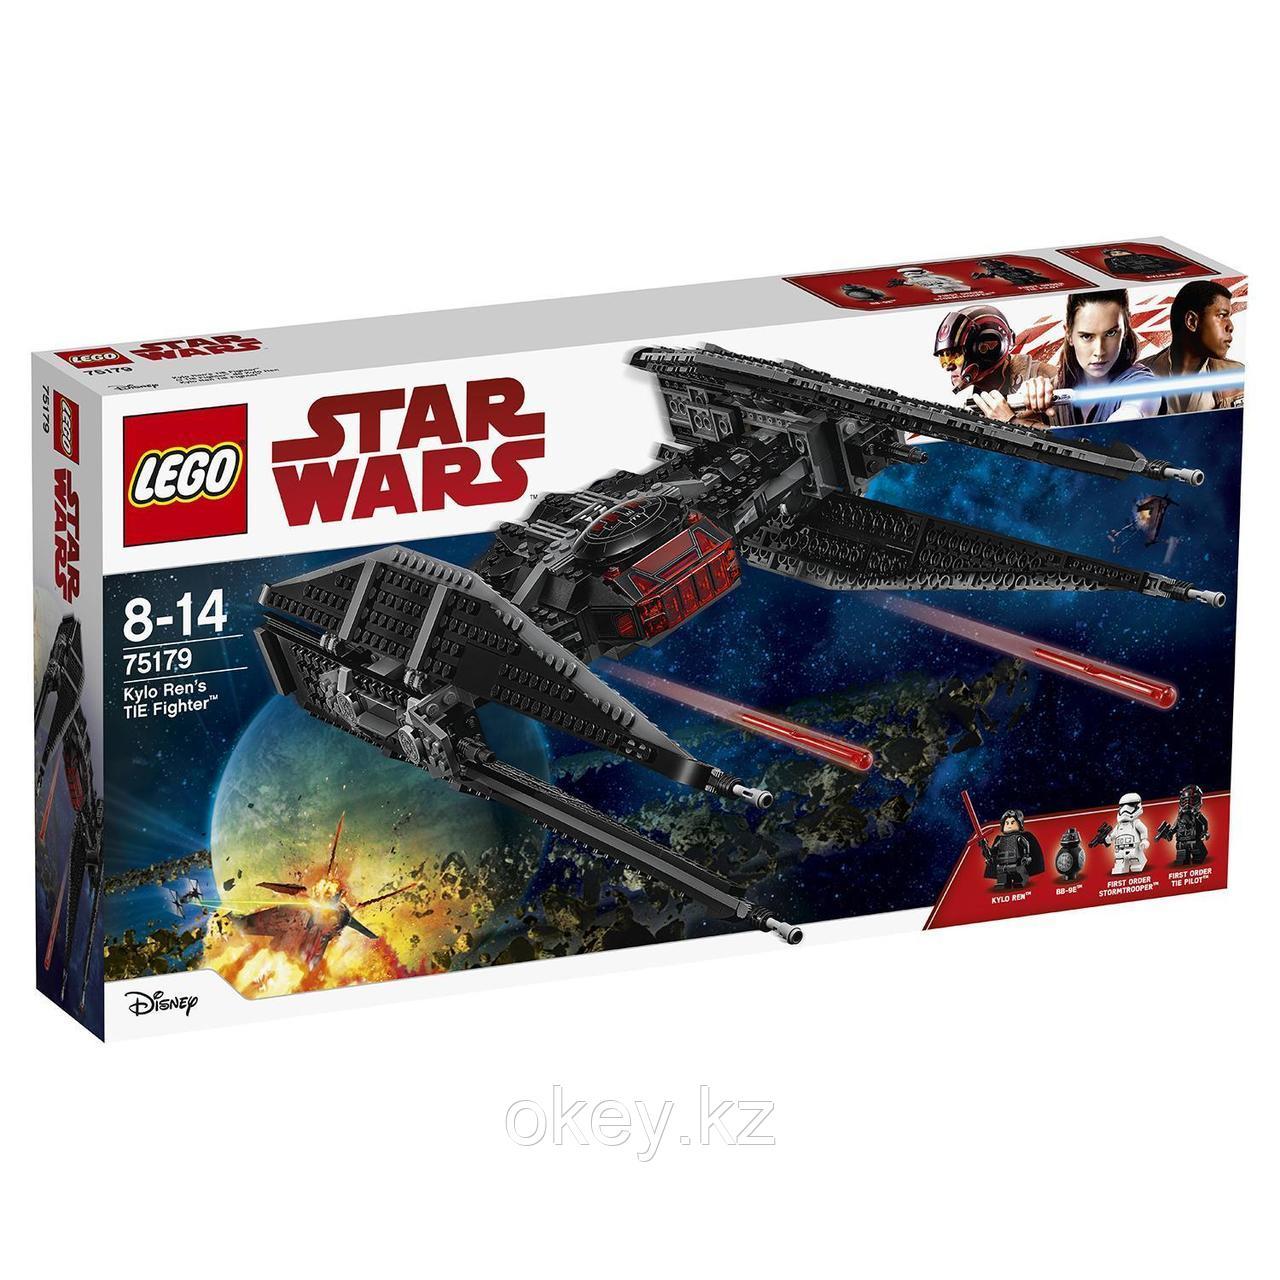 LEGO Star Wars: Истребитель СИД Кайло Рена 75179